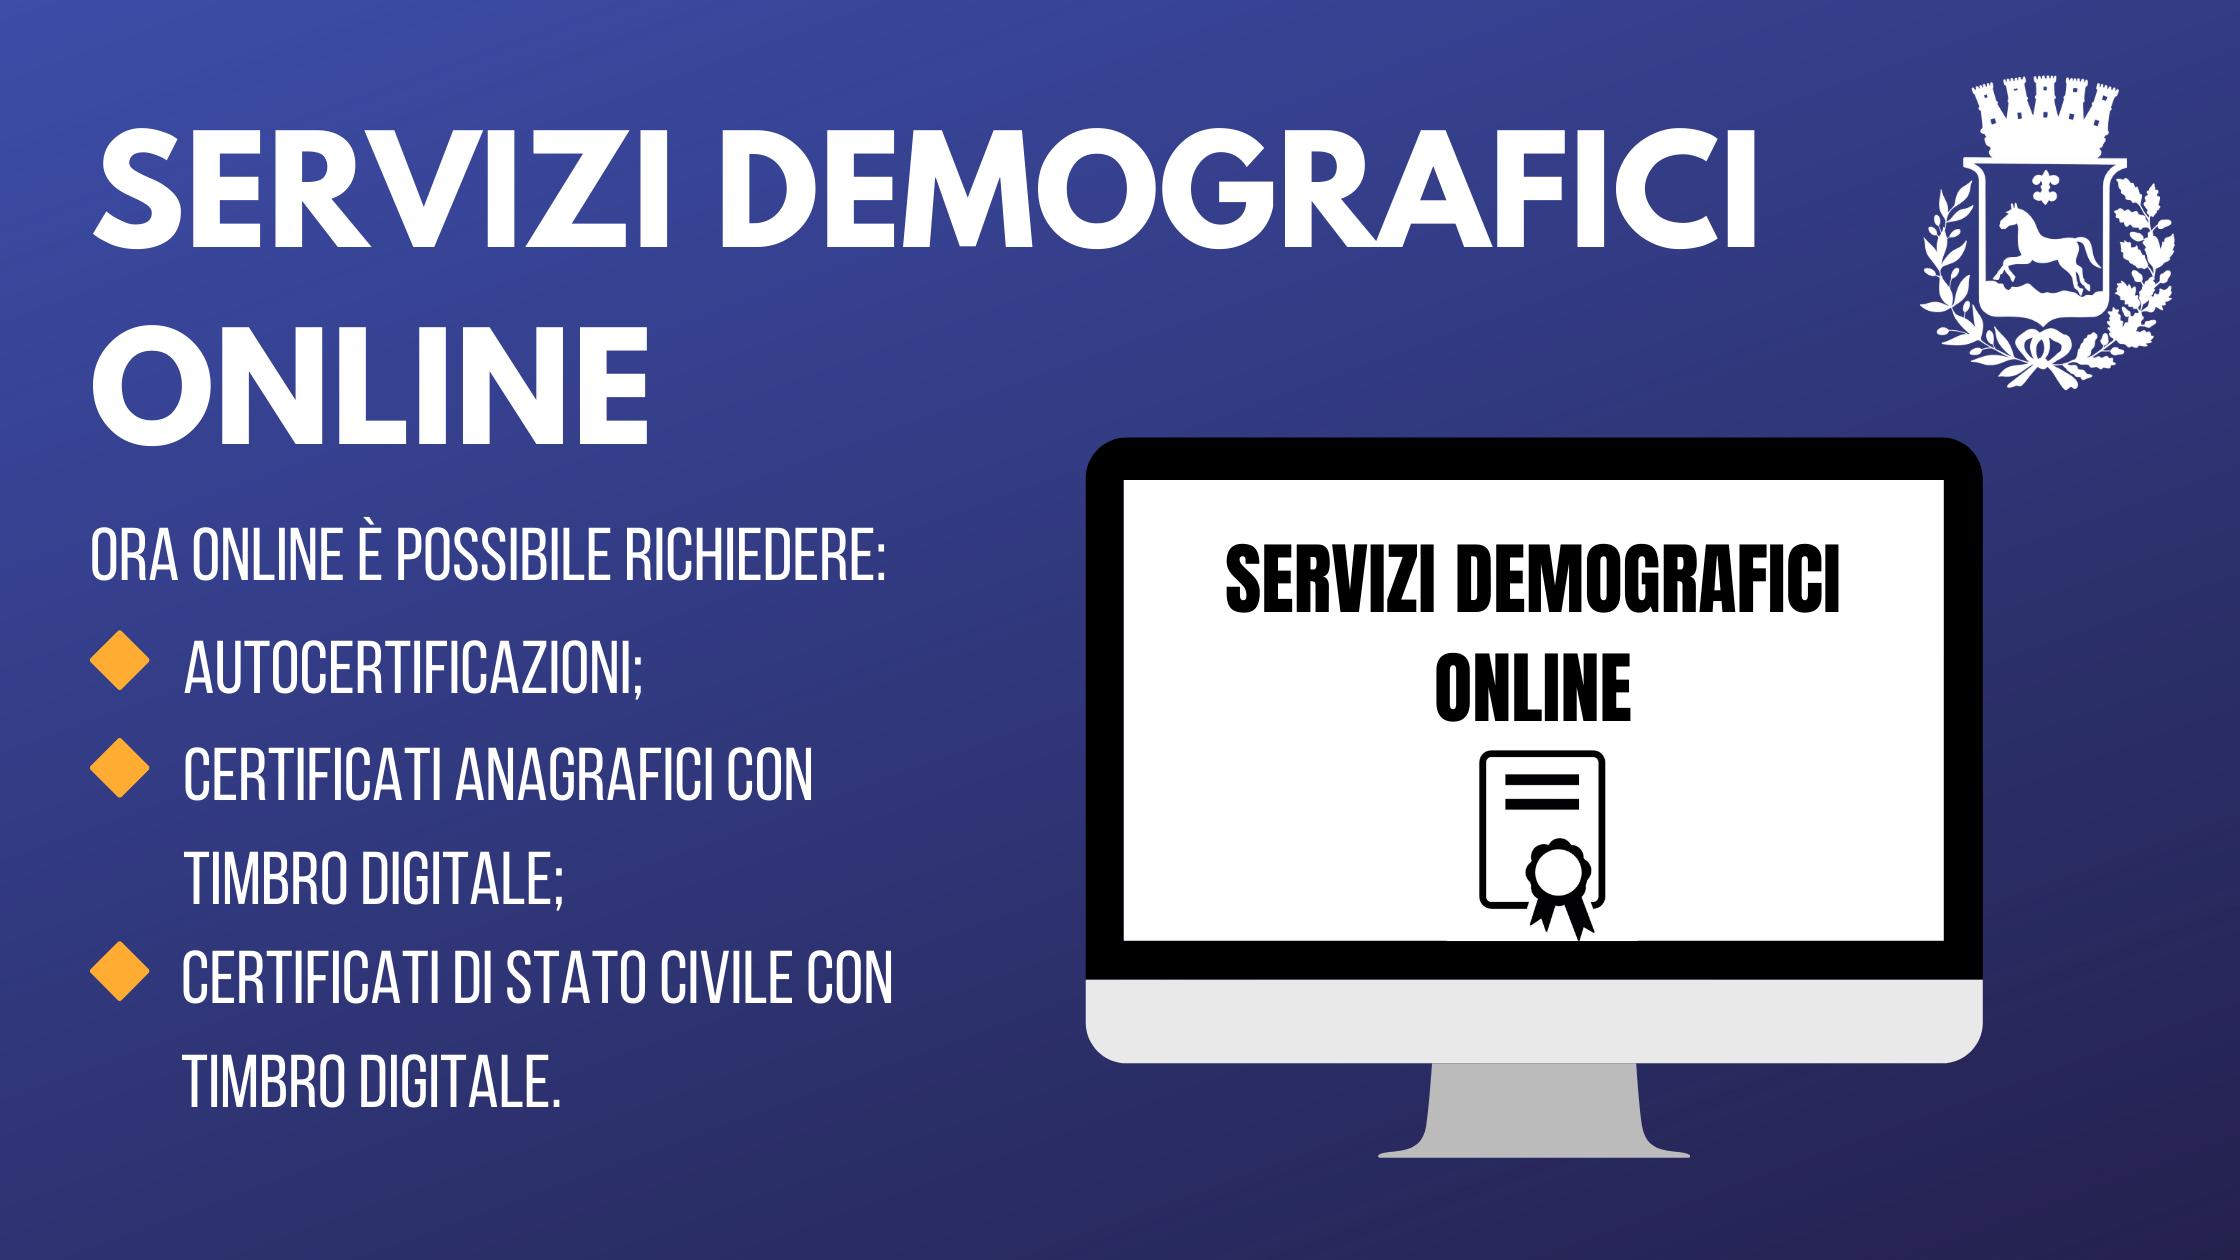 servizi demografici online, elenco dei servizi